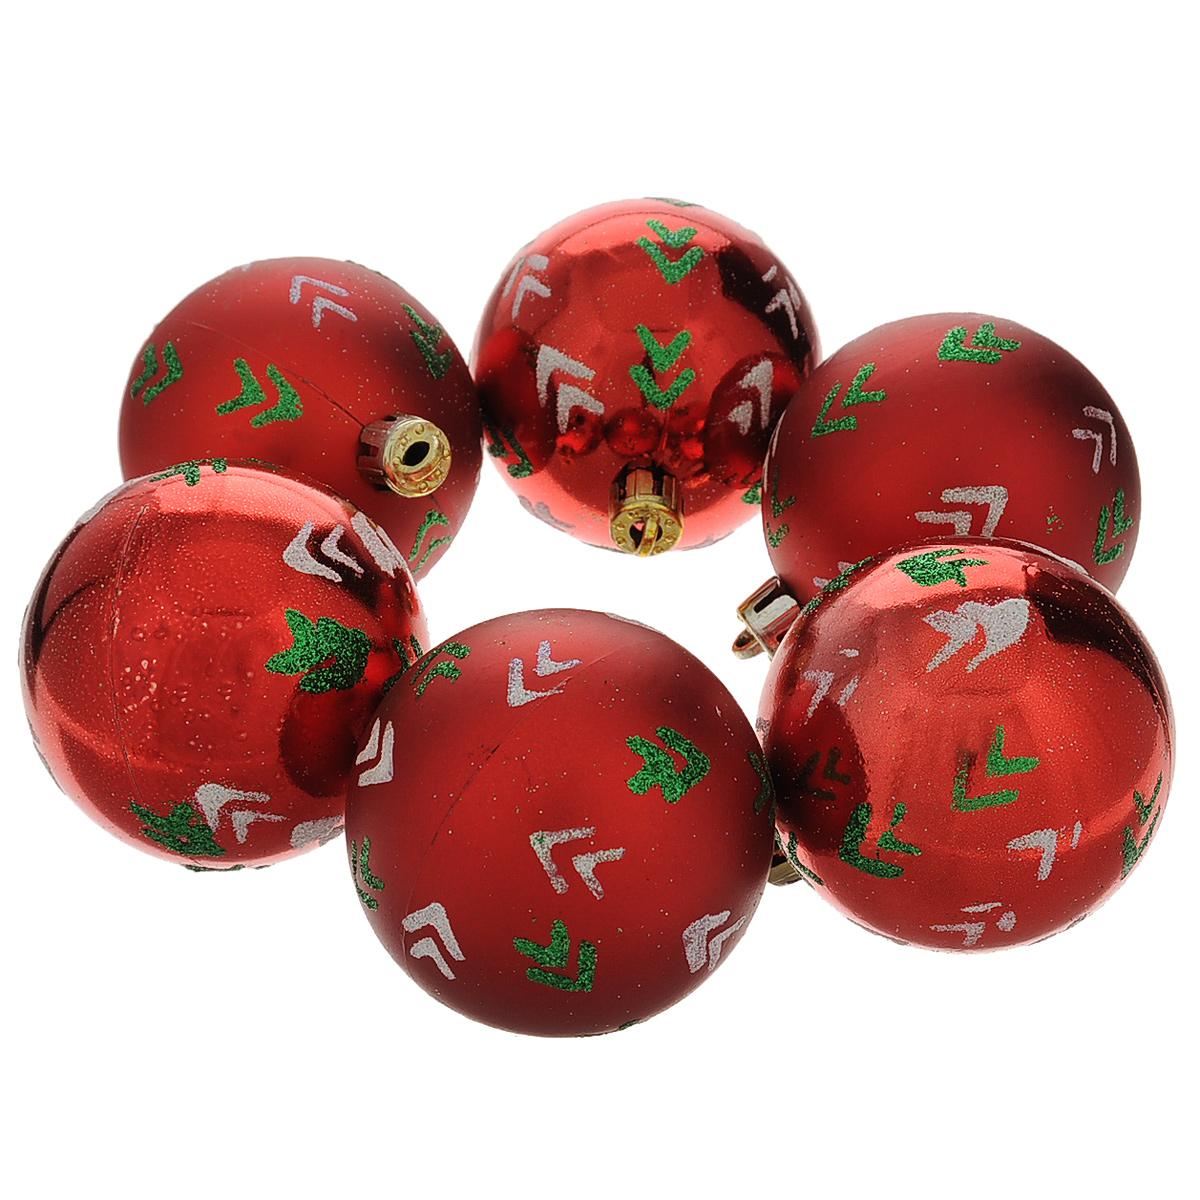 Набор новогодних подвесных украшений Шар, цвет: красный, зеленый, диаметр 6 см, 6 шт. 35509 набор новогодних подвесных украшений феникс презент ассорти цвет красный диаметр 6 см 6 шт